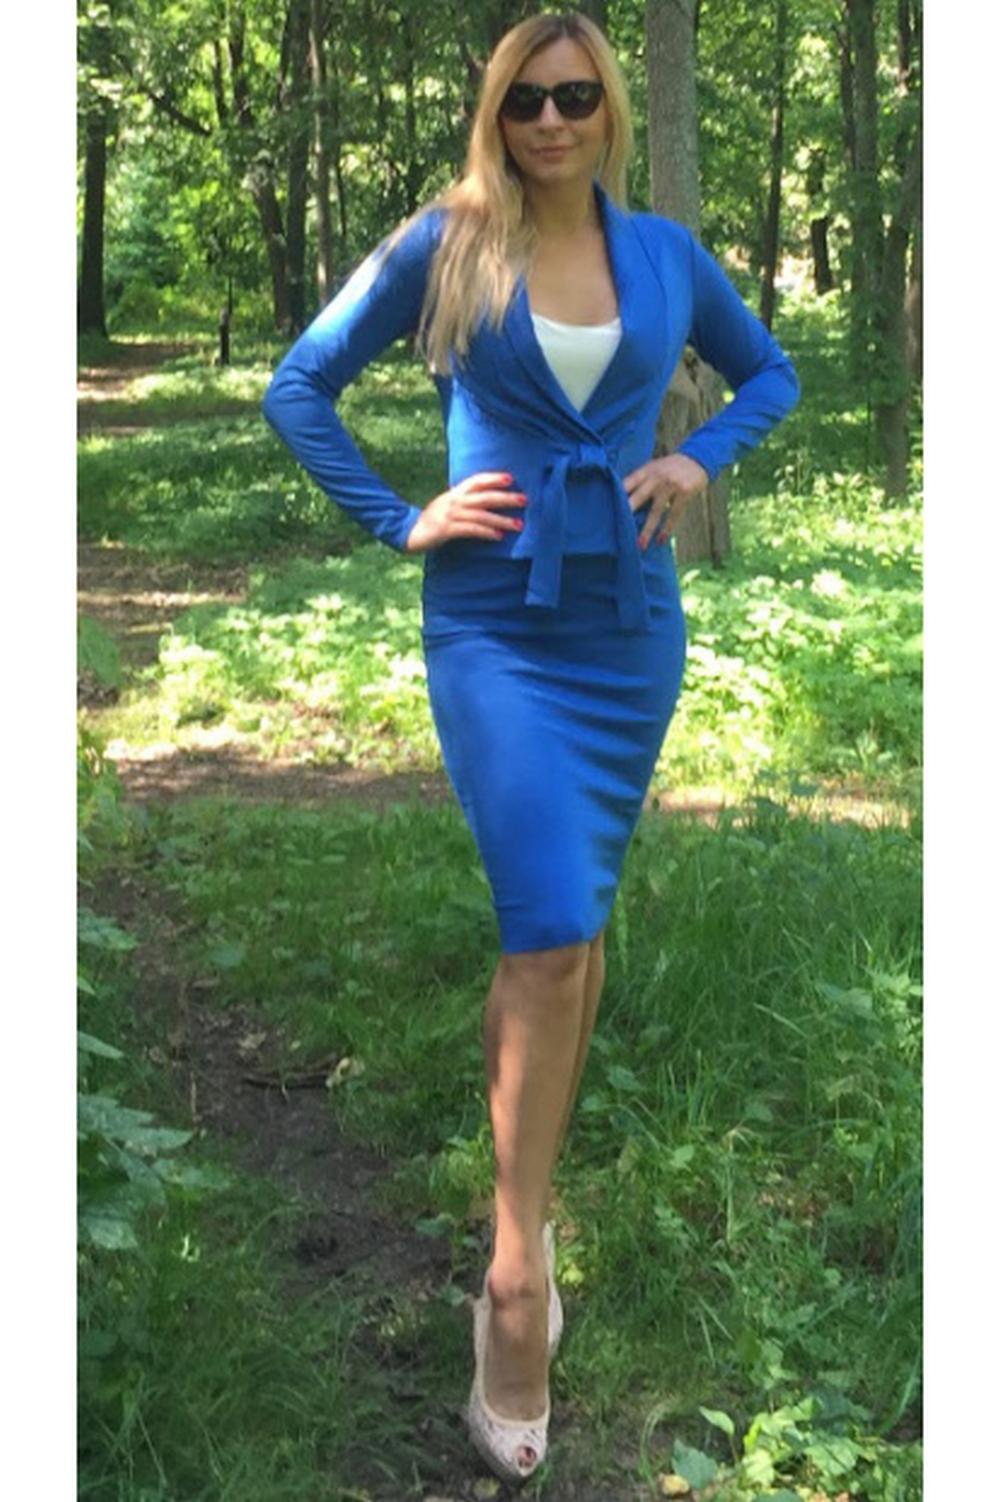 ЖакетЖакеты<br>Стильный жакет приталенного силуэта, с широкой планкой, переходящей в воротник, без застежки, с поясом. Изделие без подкладки. Выполнено из легкого, но плотного  трикотажного полотна. Безукоризненное сочетание женственности и уникального дизайна – лучший выбор каждой девушки  Длина изделия от 51 см до 60 см, в зависимости от размера.   Цвет: синий  Рост девушки-фотомодели 175 см<br><br>Воротник: Шалька<br>Горловина: V- горловина<br>По длине: Короткие<br>По материалу: Трикотаж<br>По рисунку: Однотонные<br>По силуэту: Полуприталенные<br>По стилю: Офисный стиль,Повседневный стиль<br>Рукав: Длинный рукав<br>По сезону: Осень,Весна<br>Размер : 50<br>Материал: Трикотаж<br>Количество в наличии: 1